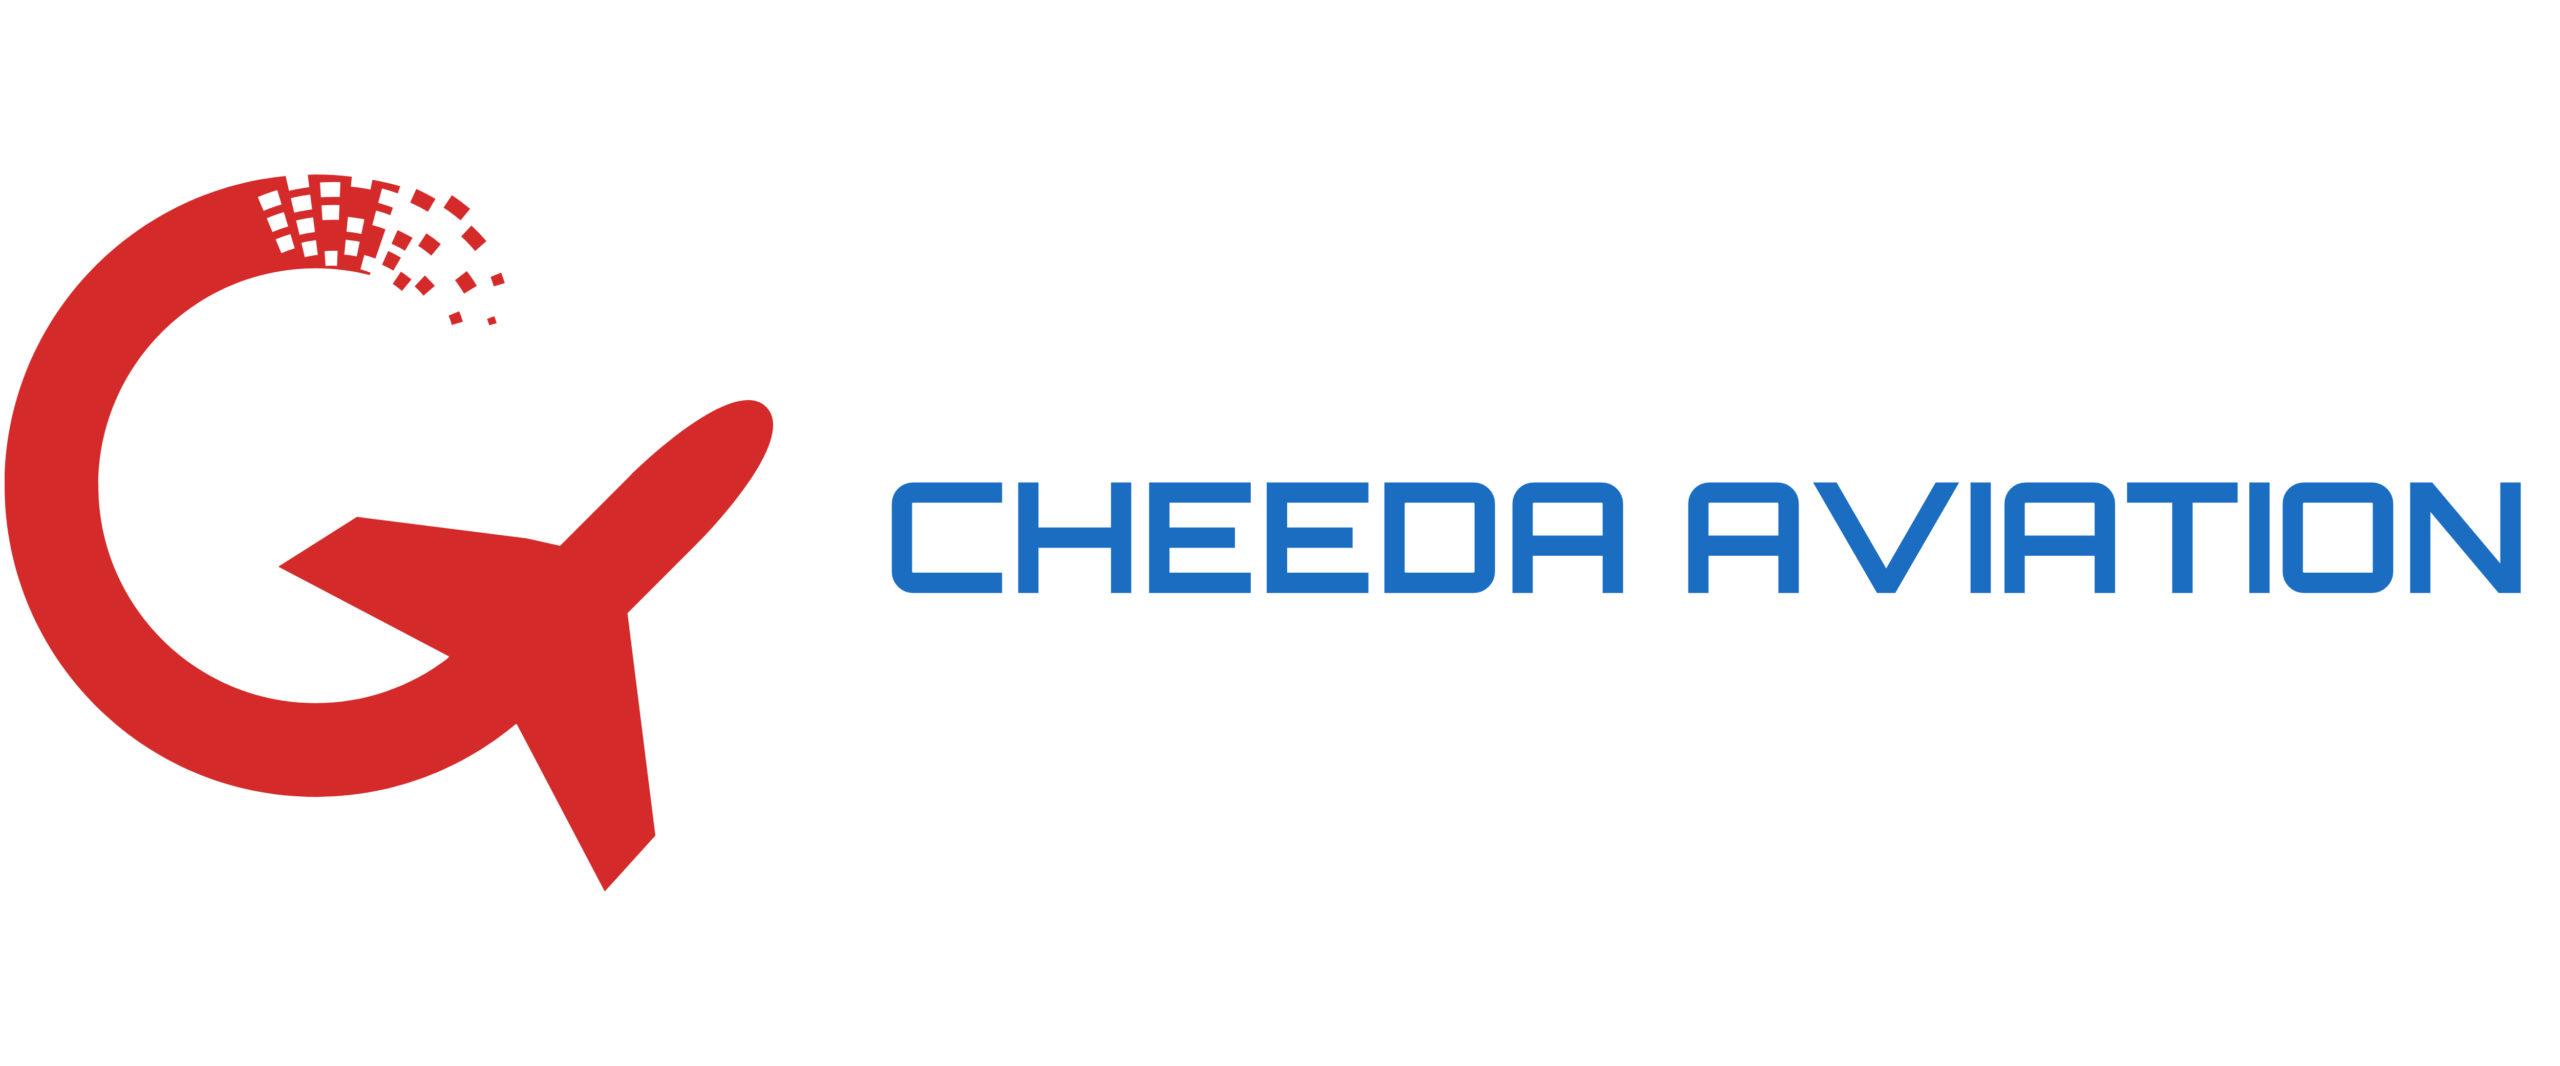 Cheeda Aviation, Moka, Mauritius